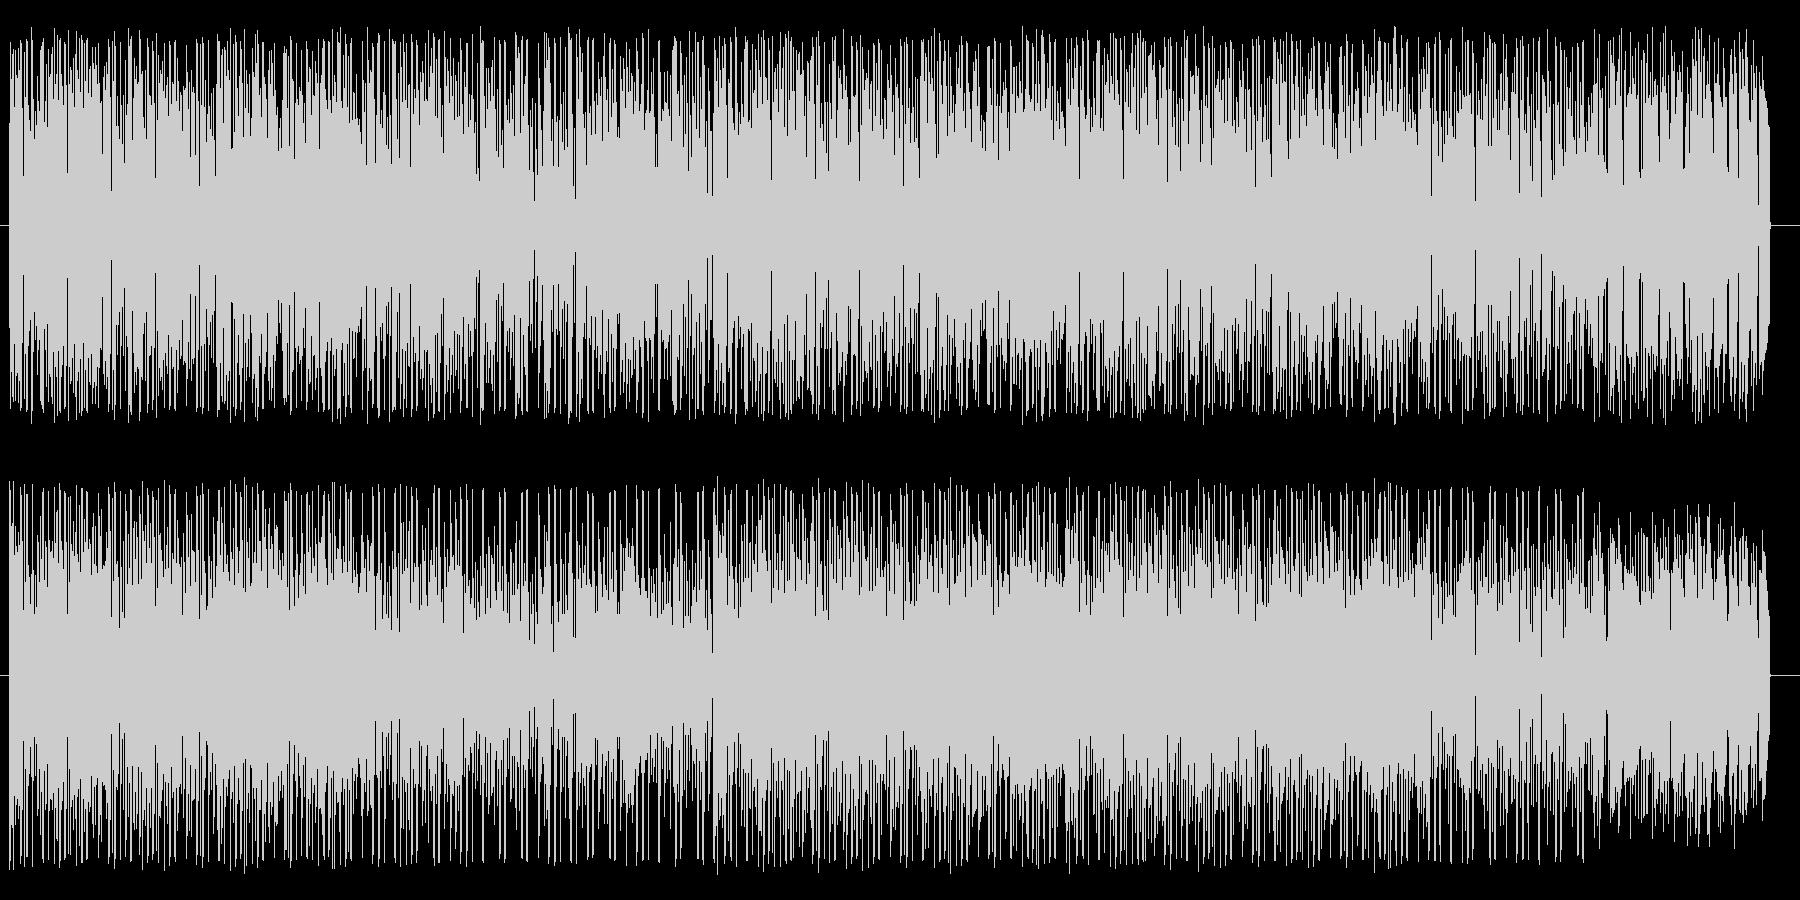 アーバン系なファンク、ソウルの未再生の波形